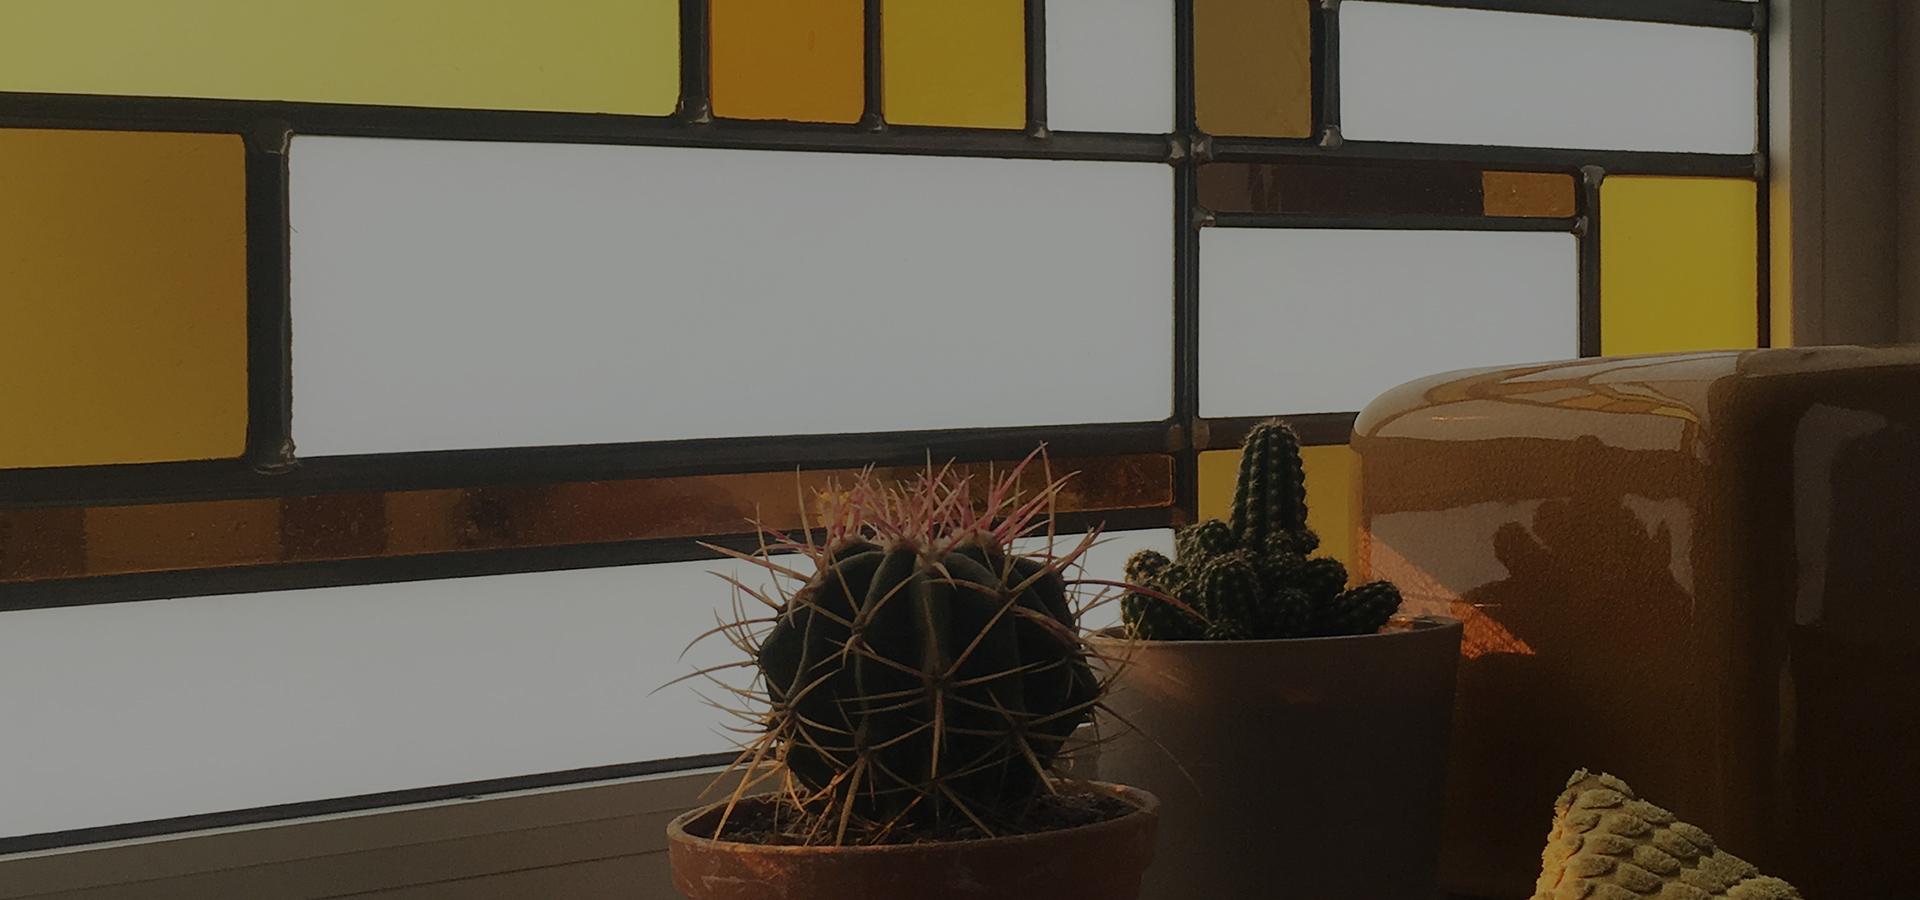 Atelier Mestdagh Merelbeke Glasramen in kleur_8